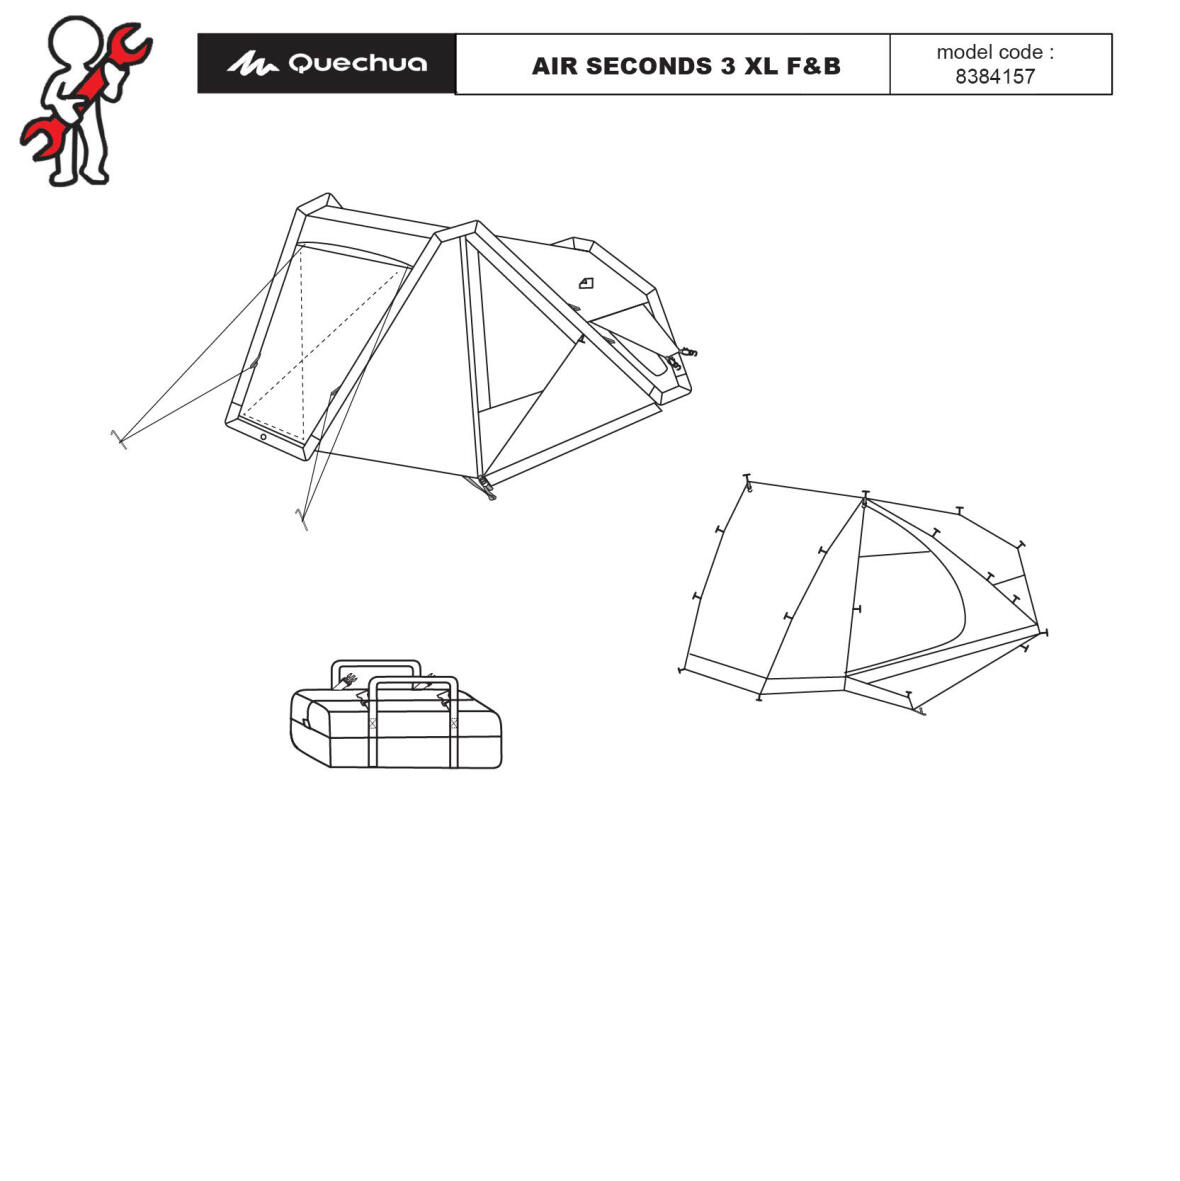 repair-air-second-tent-quechua-broken